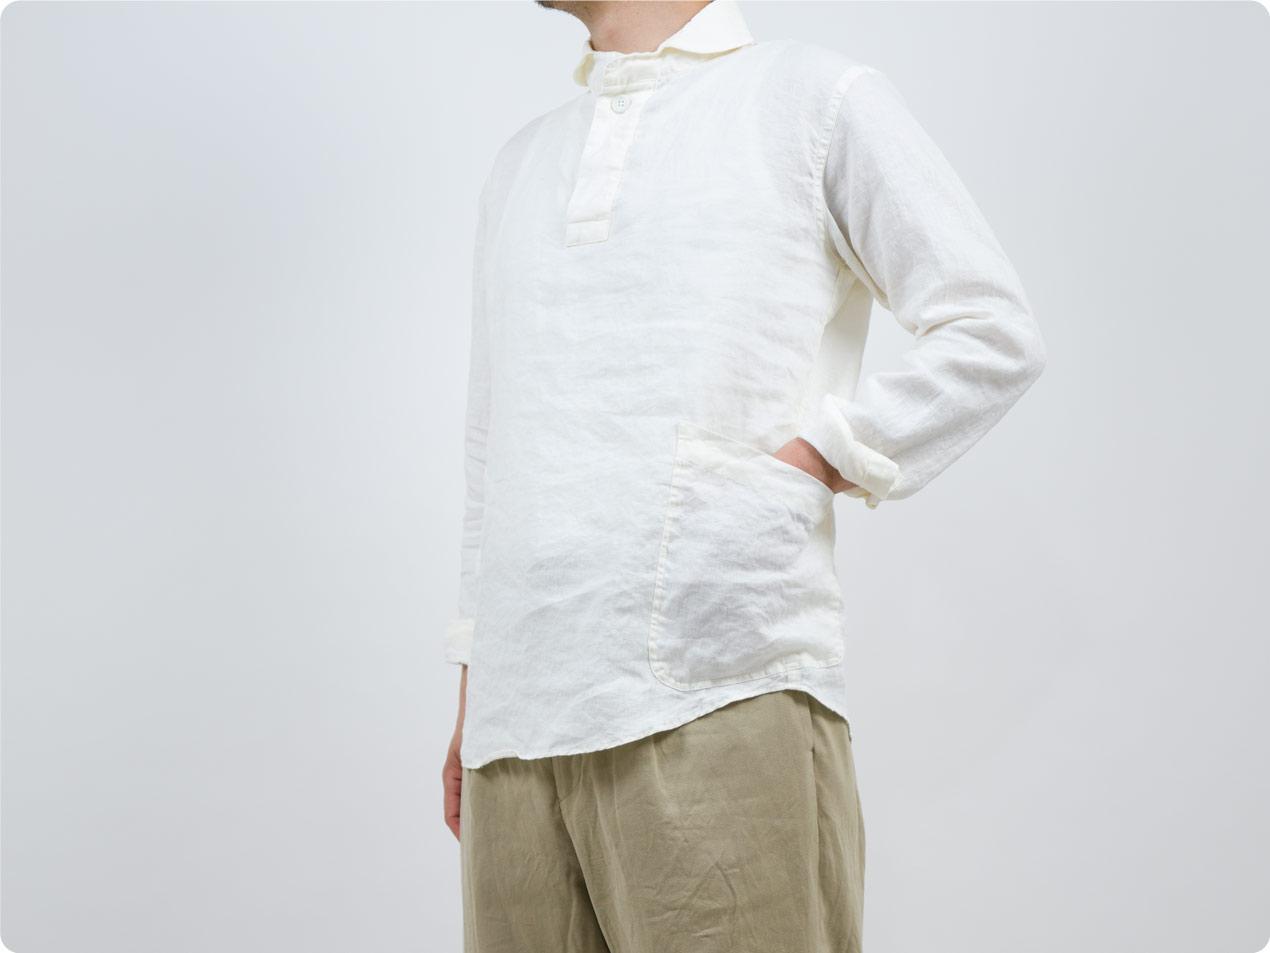 LOLO フレンチリネン プルオーバーシャツ